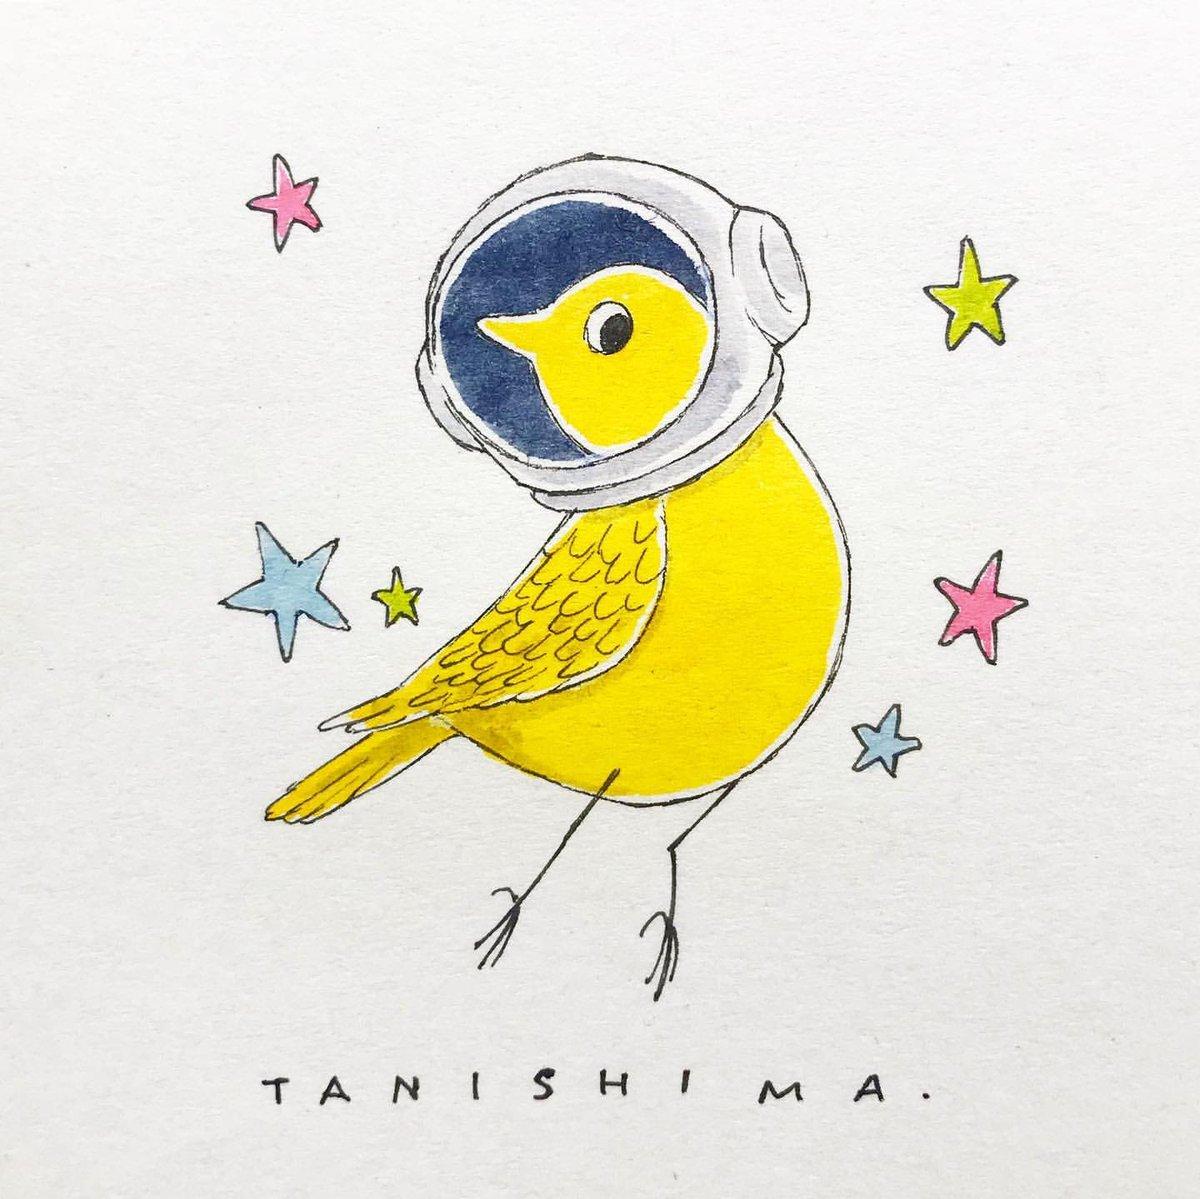 初めて宇宙に来たはずなのに なんか懐かしいのは なんでかな #tanishima #drawing #pendrawing #art #cartoon #comic #mascot #character #sketch #illustration #design #ラクガキ #ペン画 #イラスト #キャラクター #アート #スケッチ #働く小鳥 #smallbird #小鳥 #宇宙飛行士 #astronaut https://t.co/VJqaZmmwHI